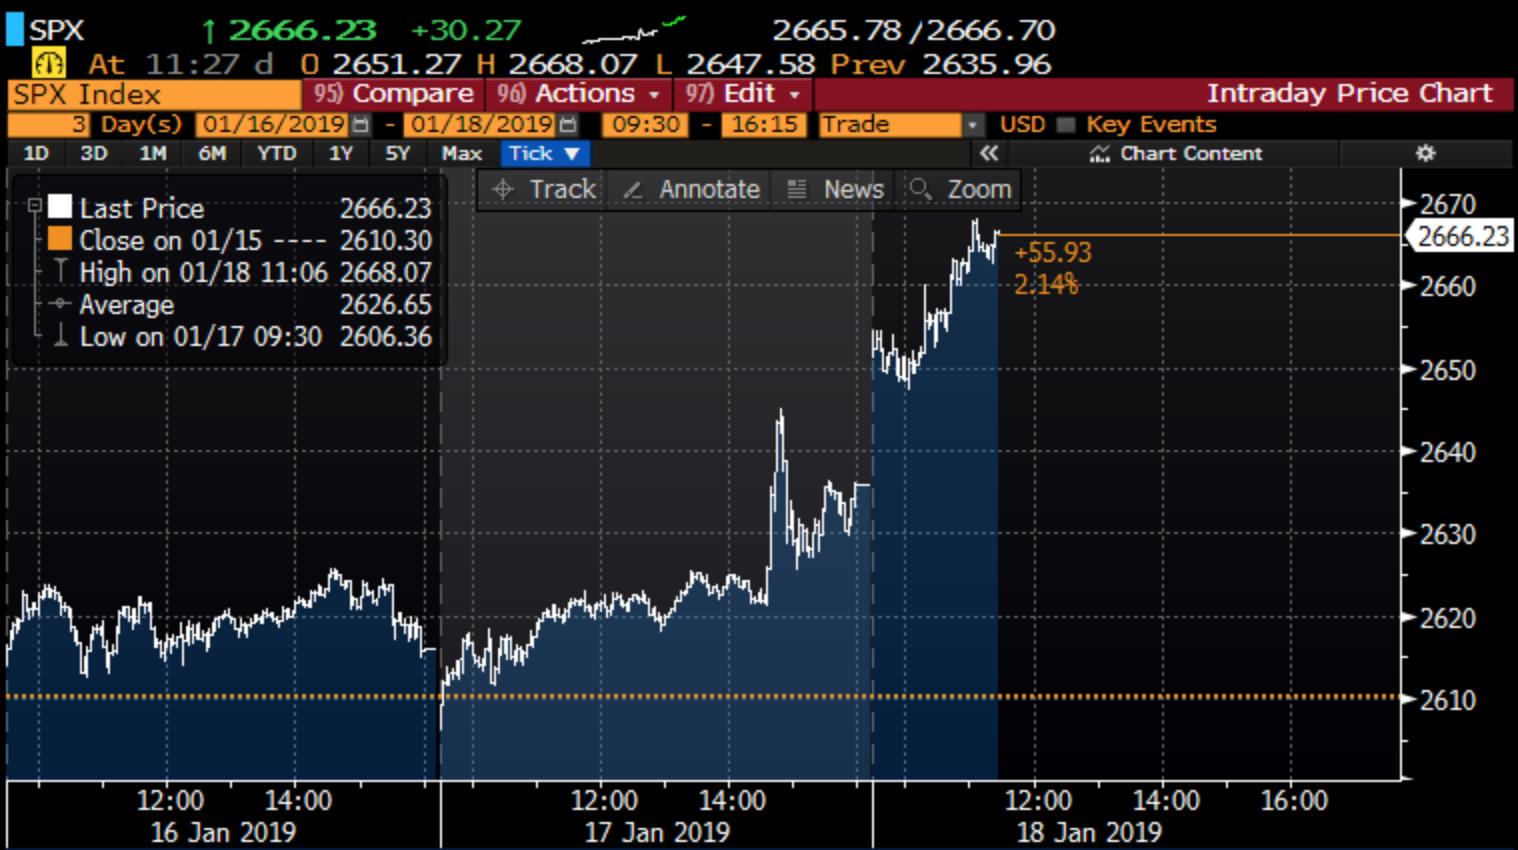 UPS – Fade Q4 Earnings, Buy China Tariff Deadline – RiskReversal